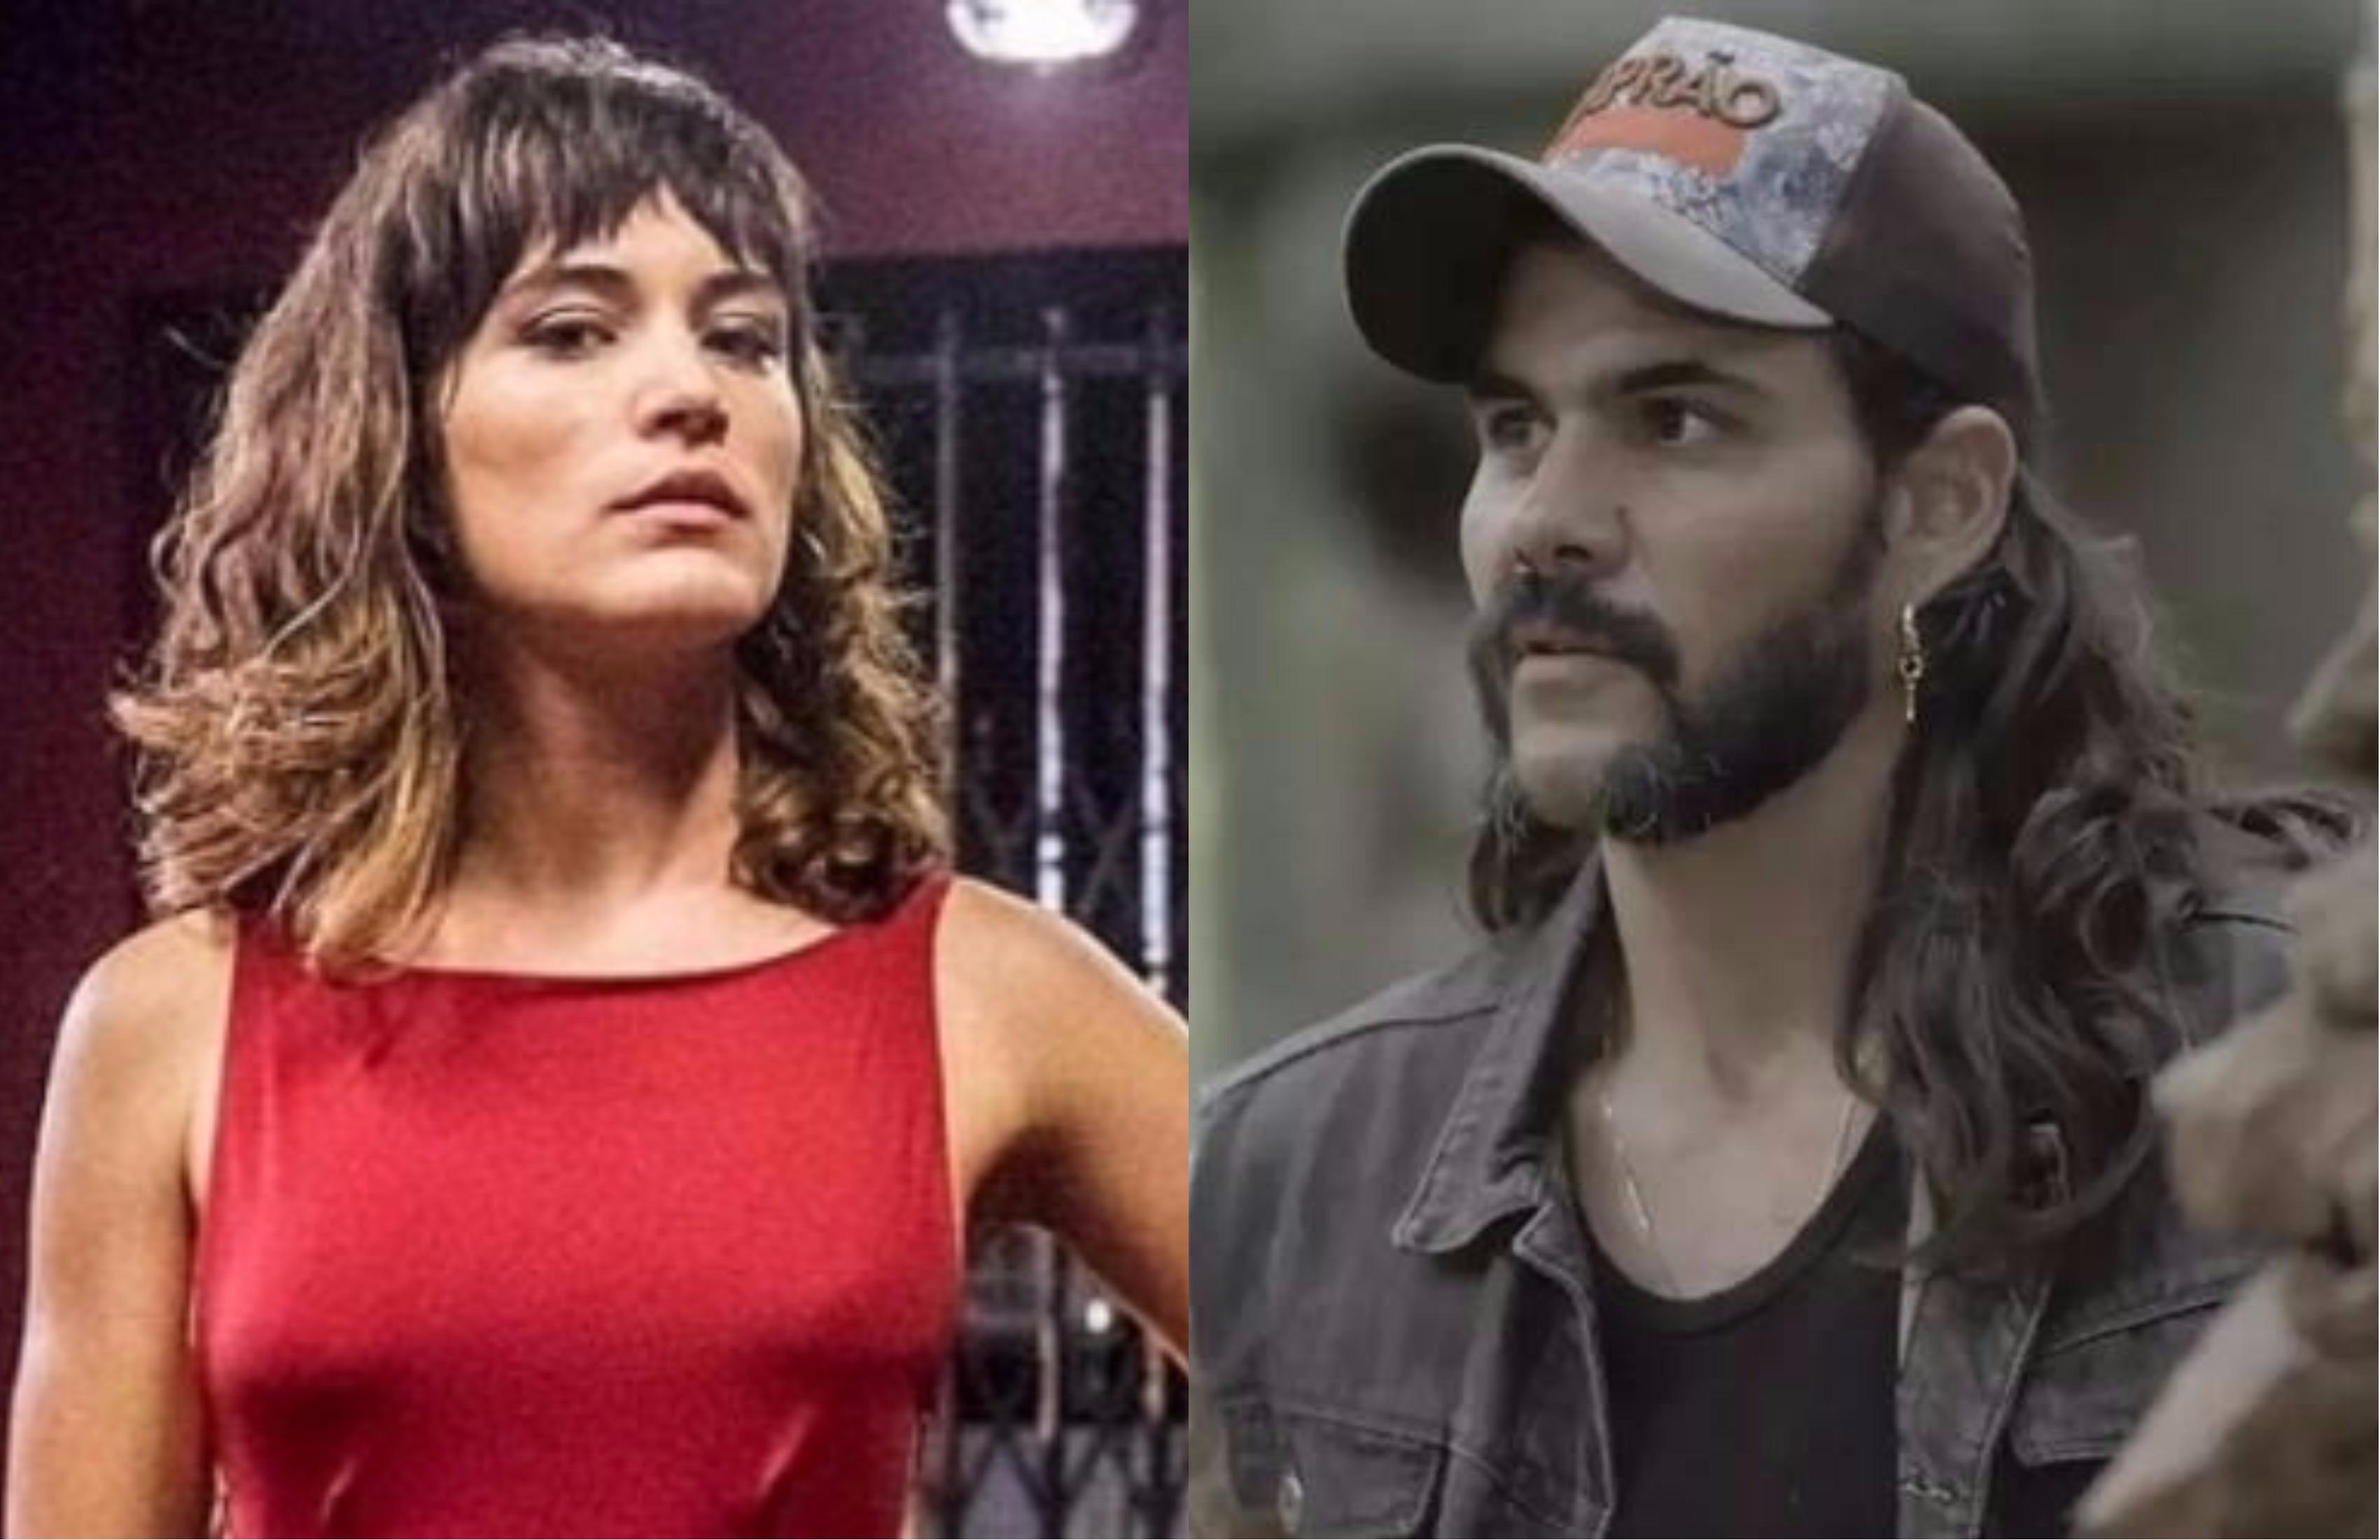 Clara e Mariano vão se aliar em O Outro Lado do Paraíso (Foto montagem: TV Foco)